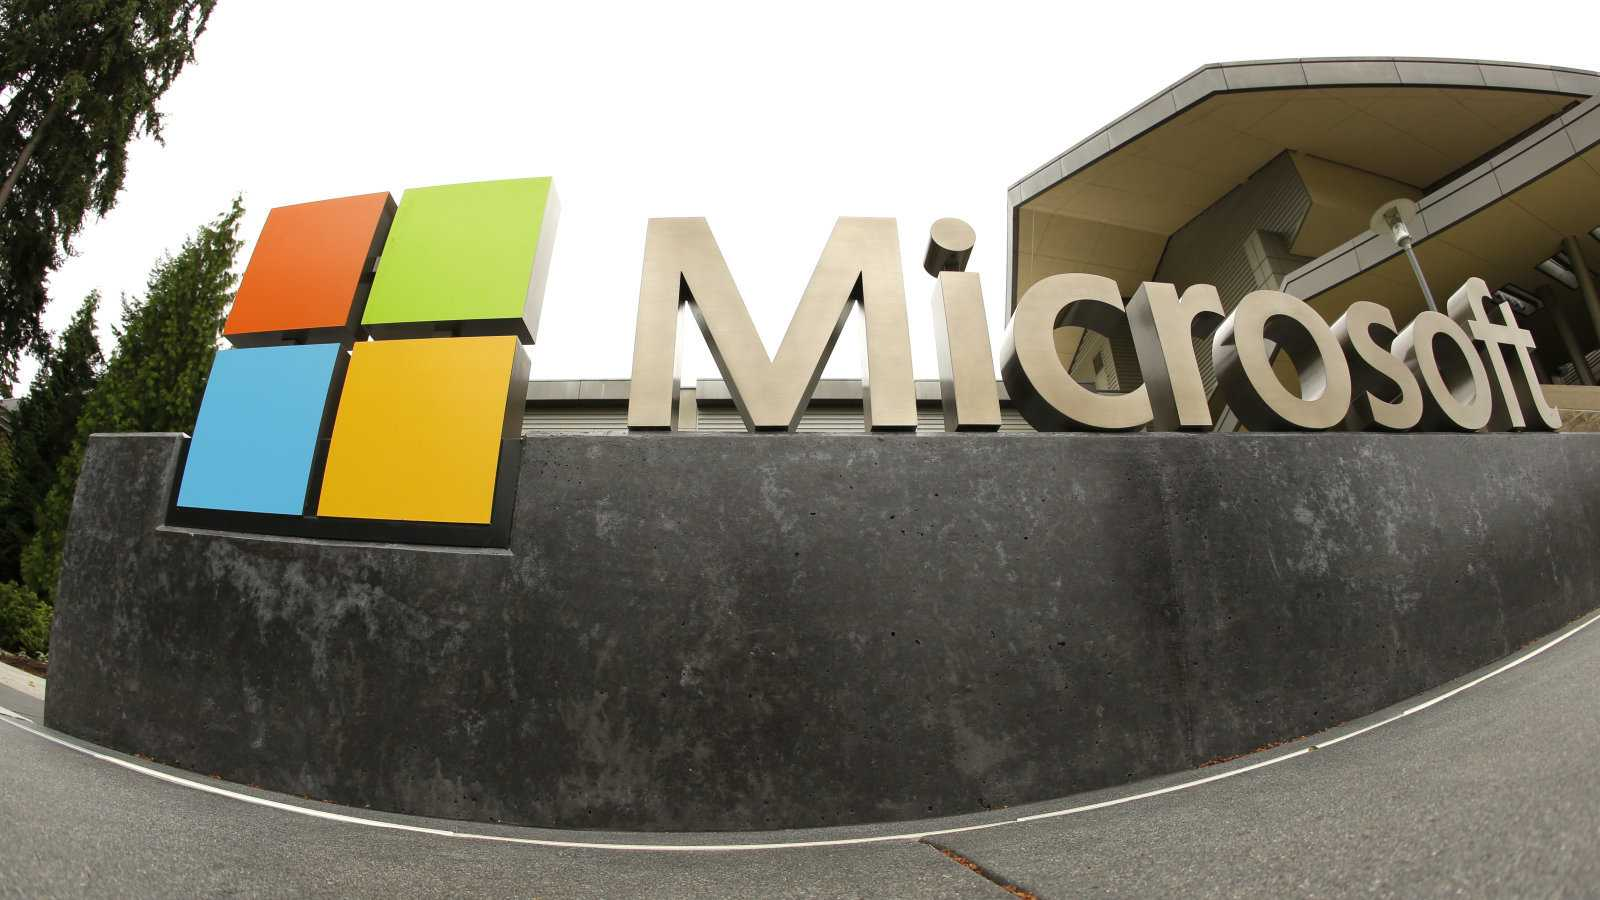 Microsoft ra mắt tính năng chuyển đổi bảng biểu trong ảnh chụp thành bảng tính Excel có thể sửa được